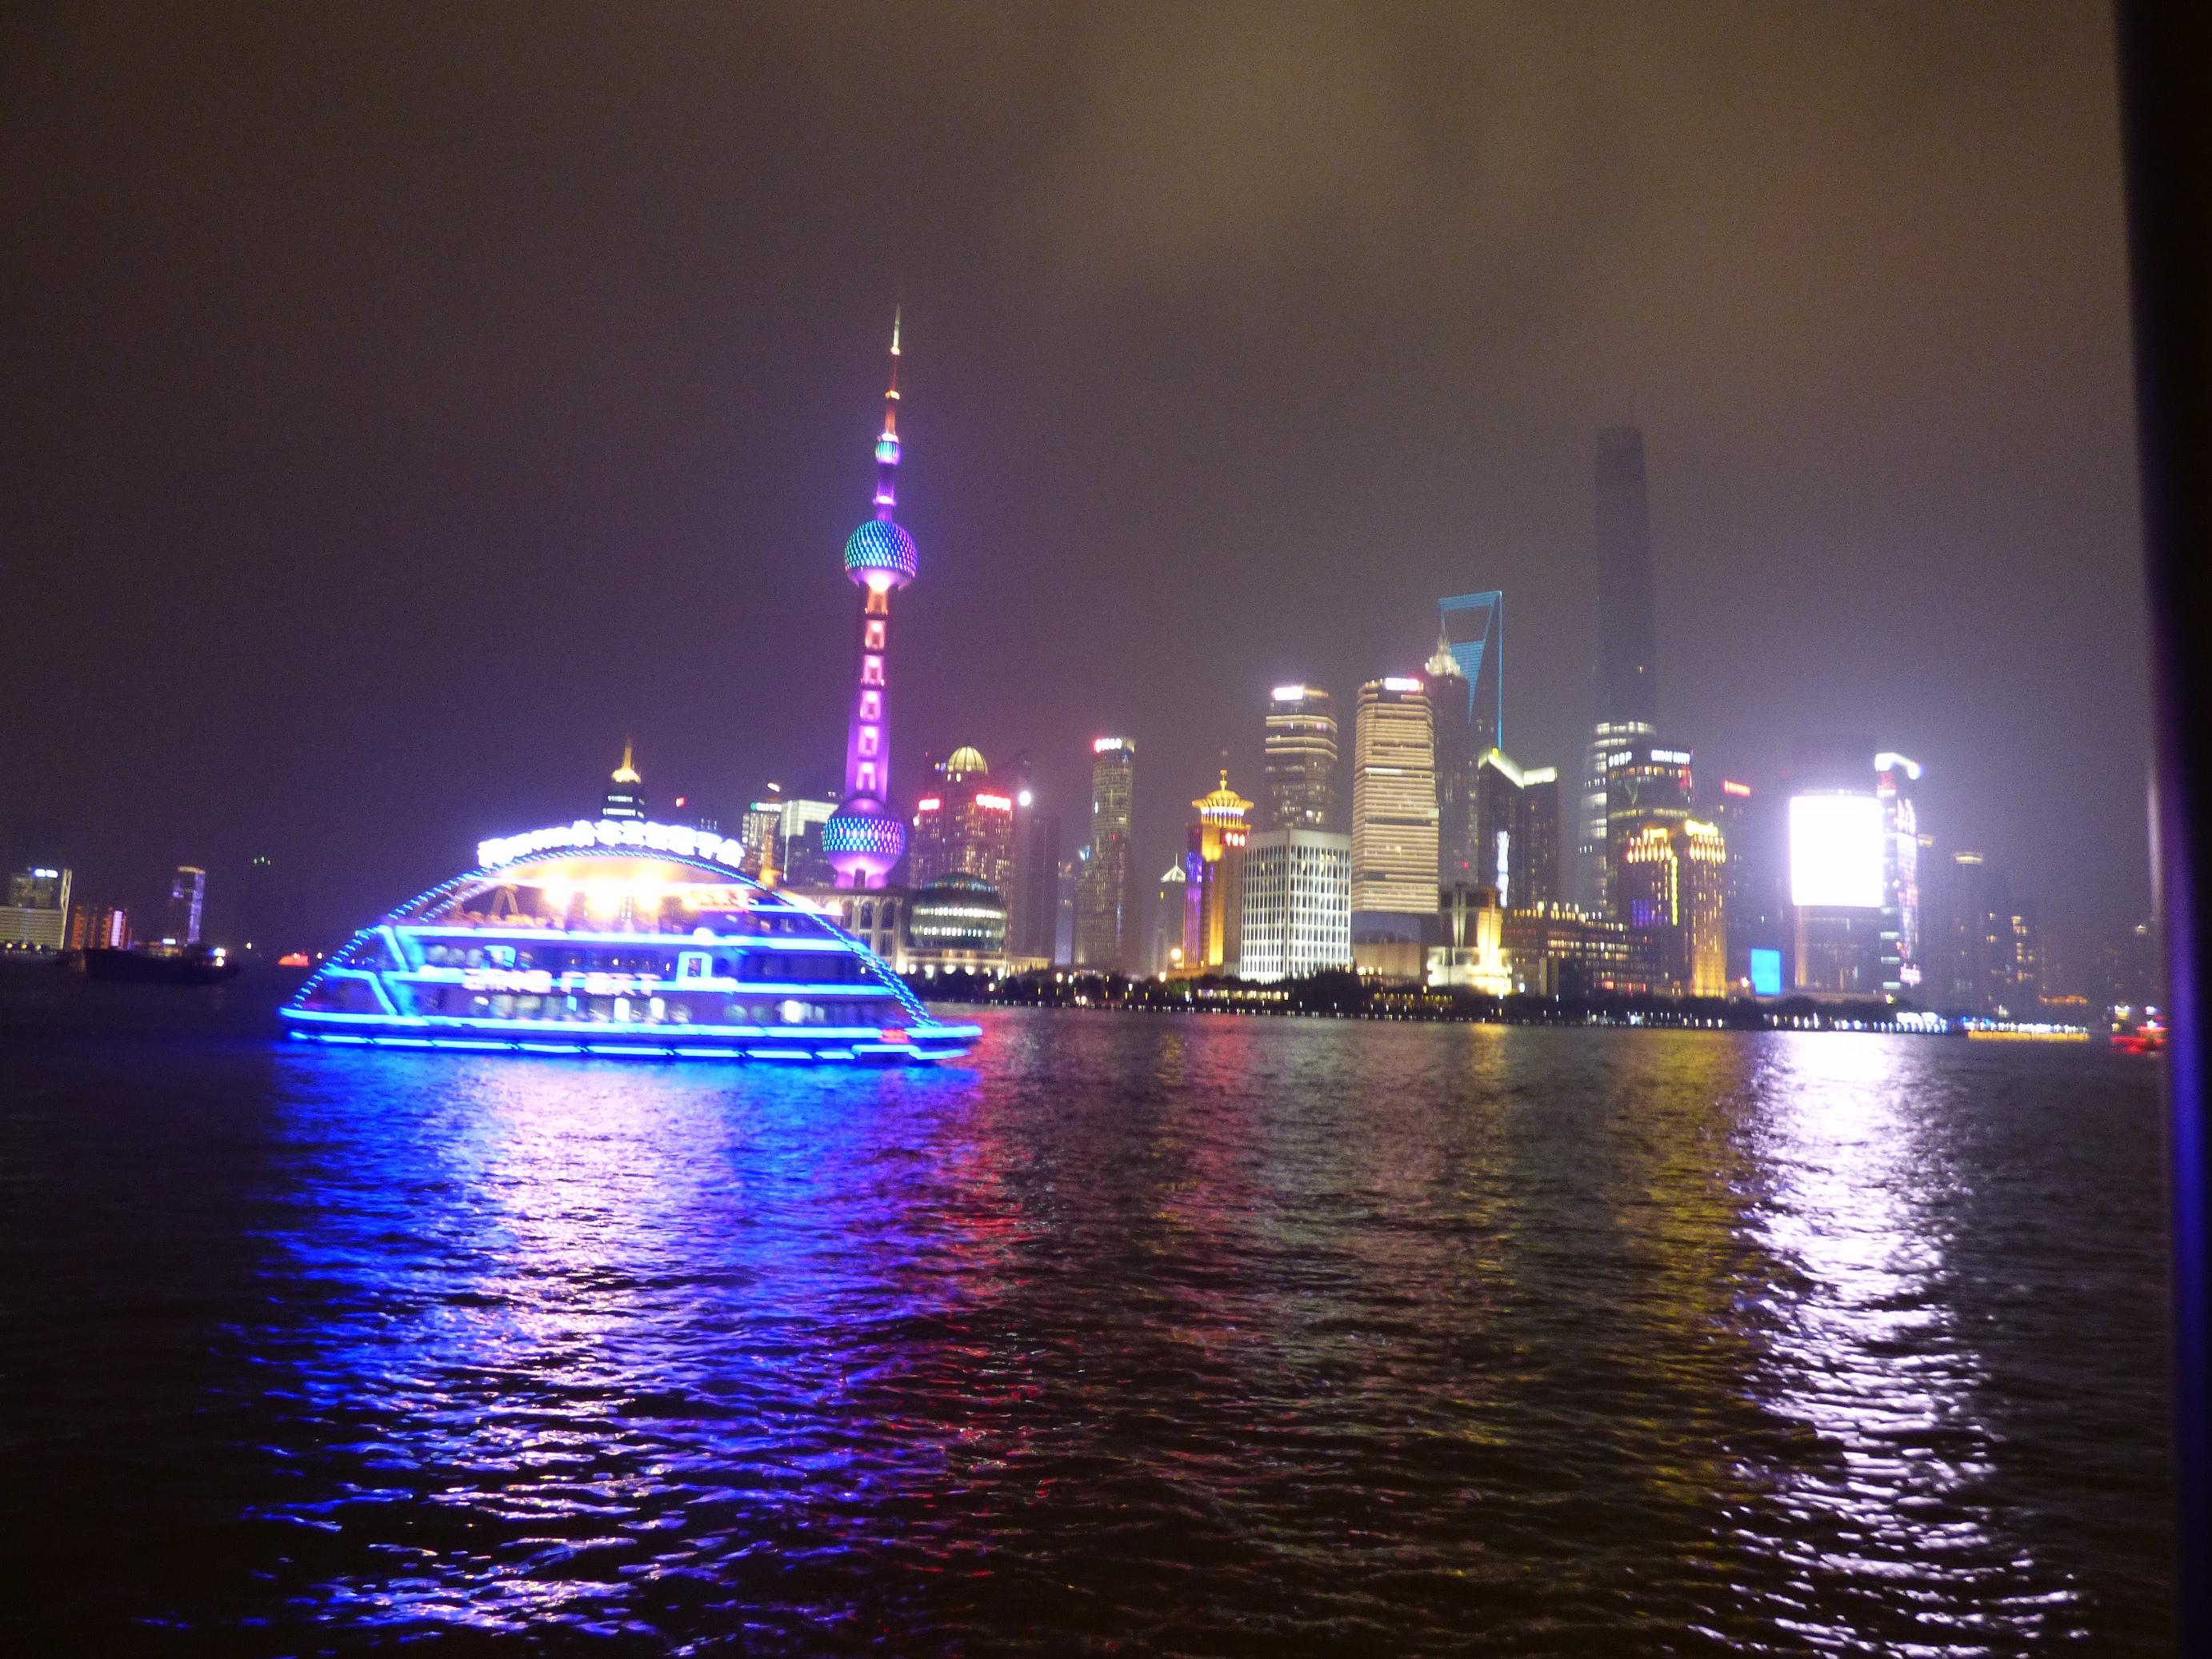 7e1fda5458 Egy kis Kína - Shanghai - Gömbszörppel a világ körül